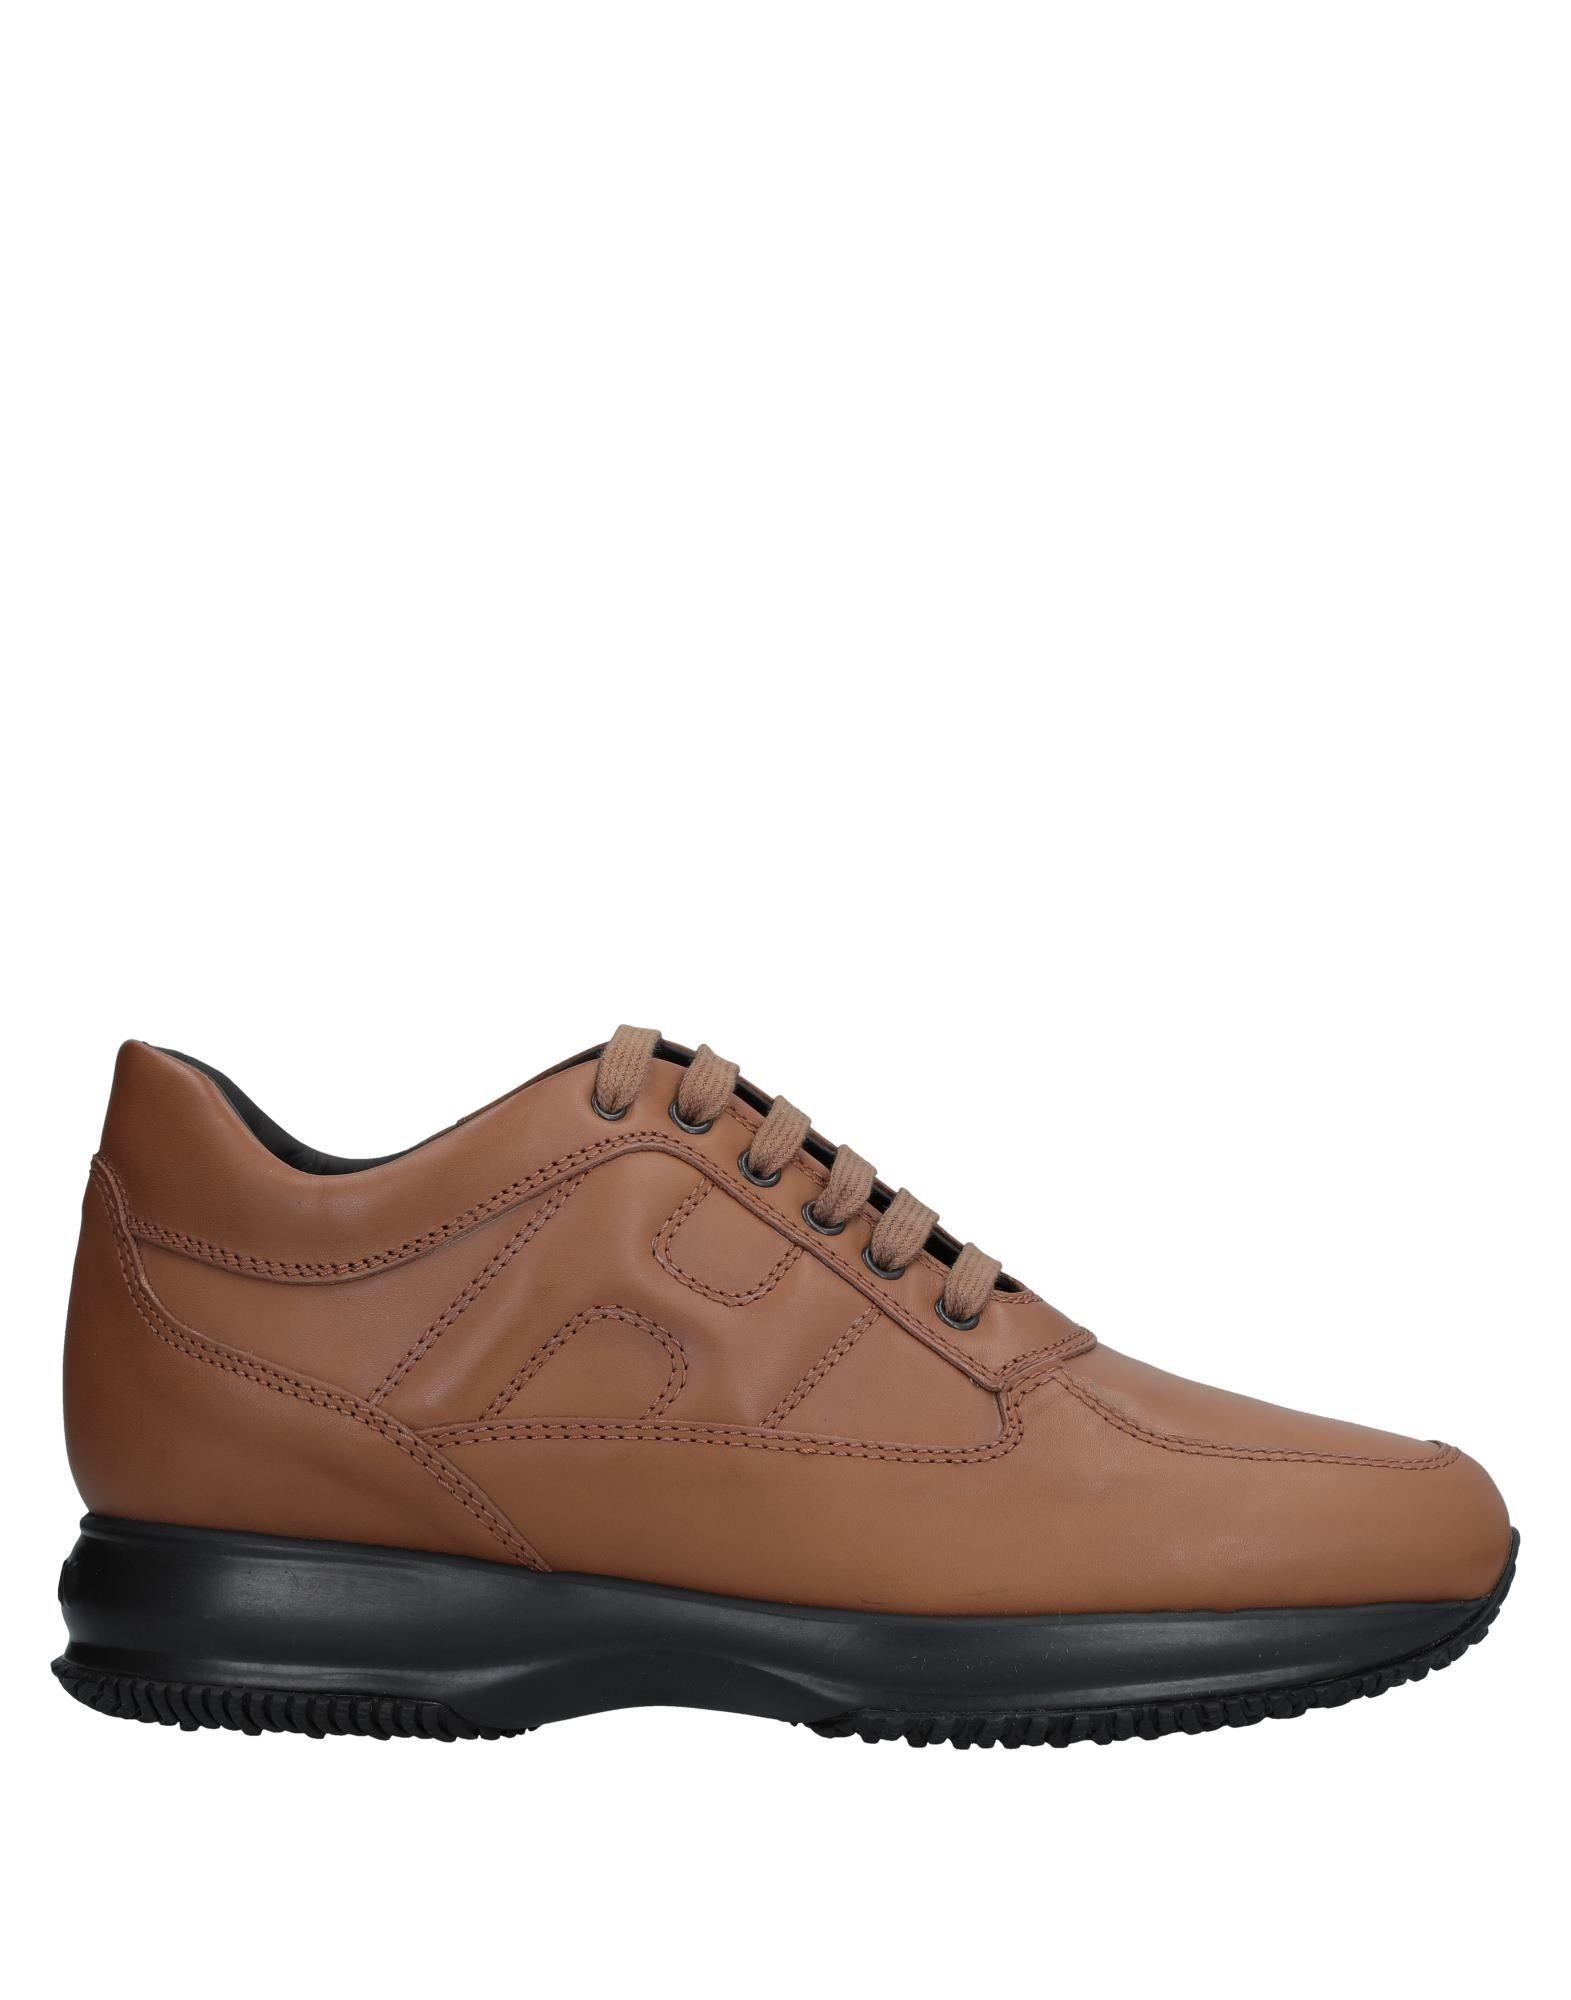 Moda Sneakers Hogan Uomo Uomo Hogan - 11541732JV 7cec26